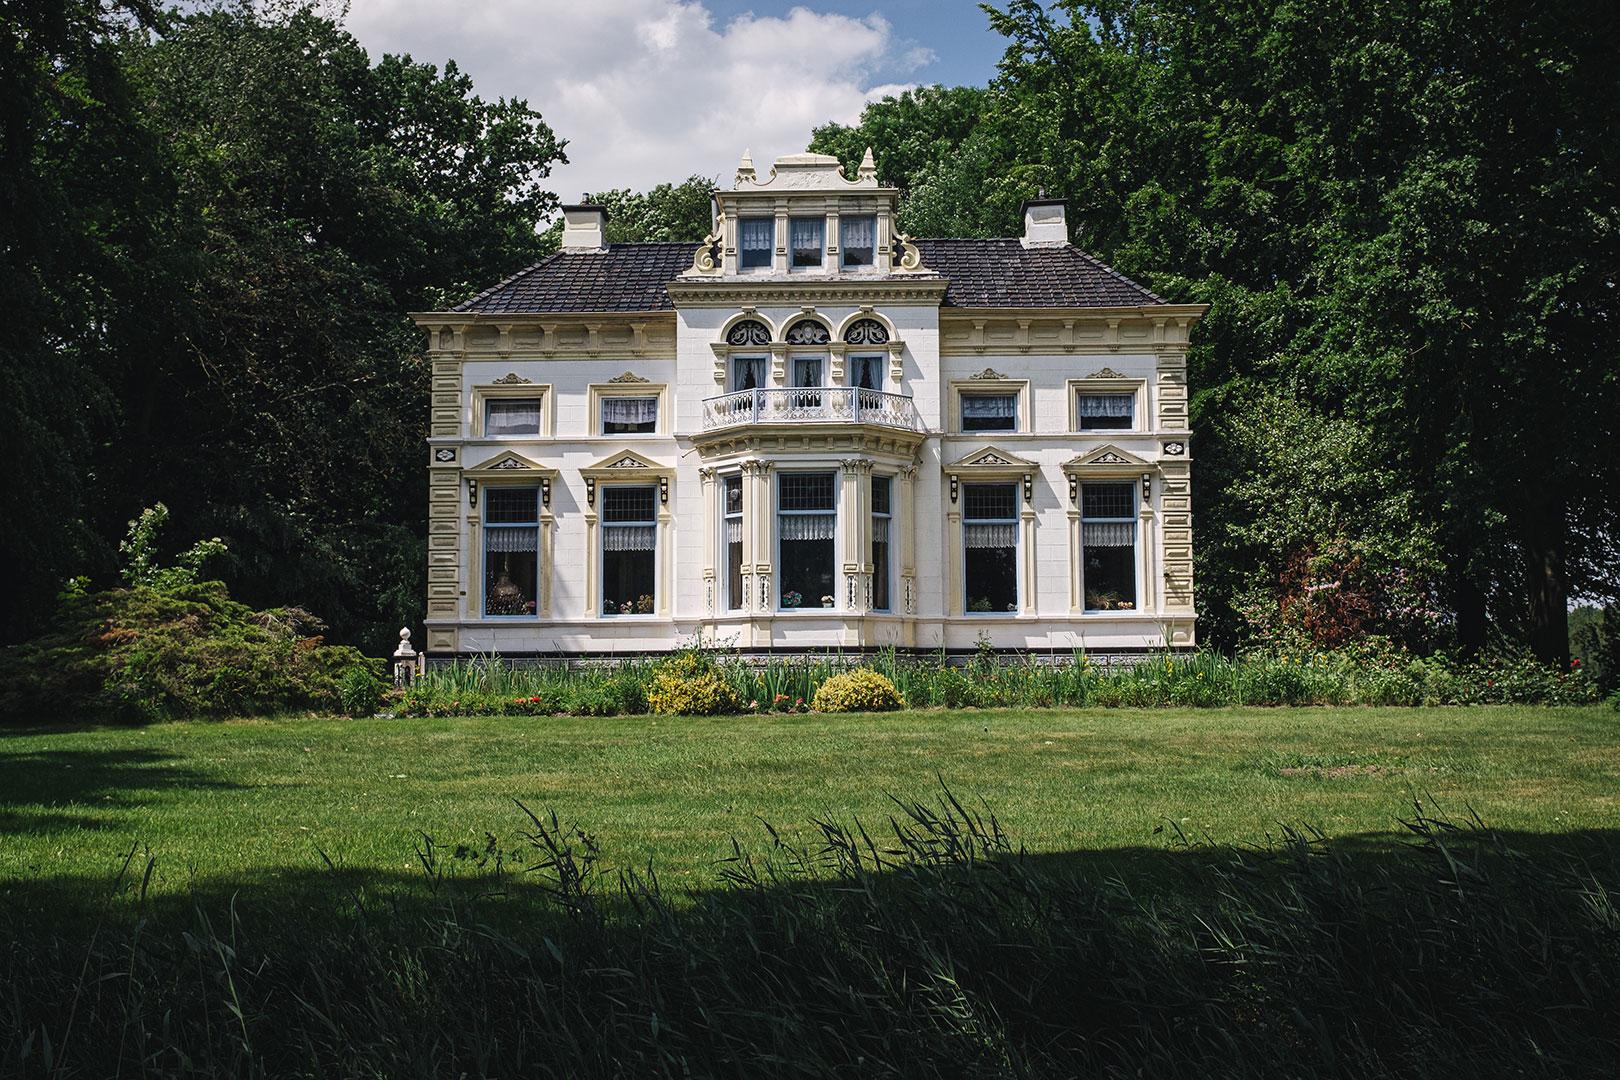 Villa in Bellingwolde